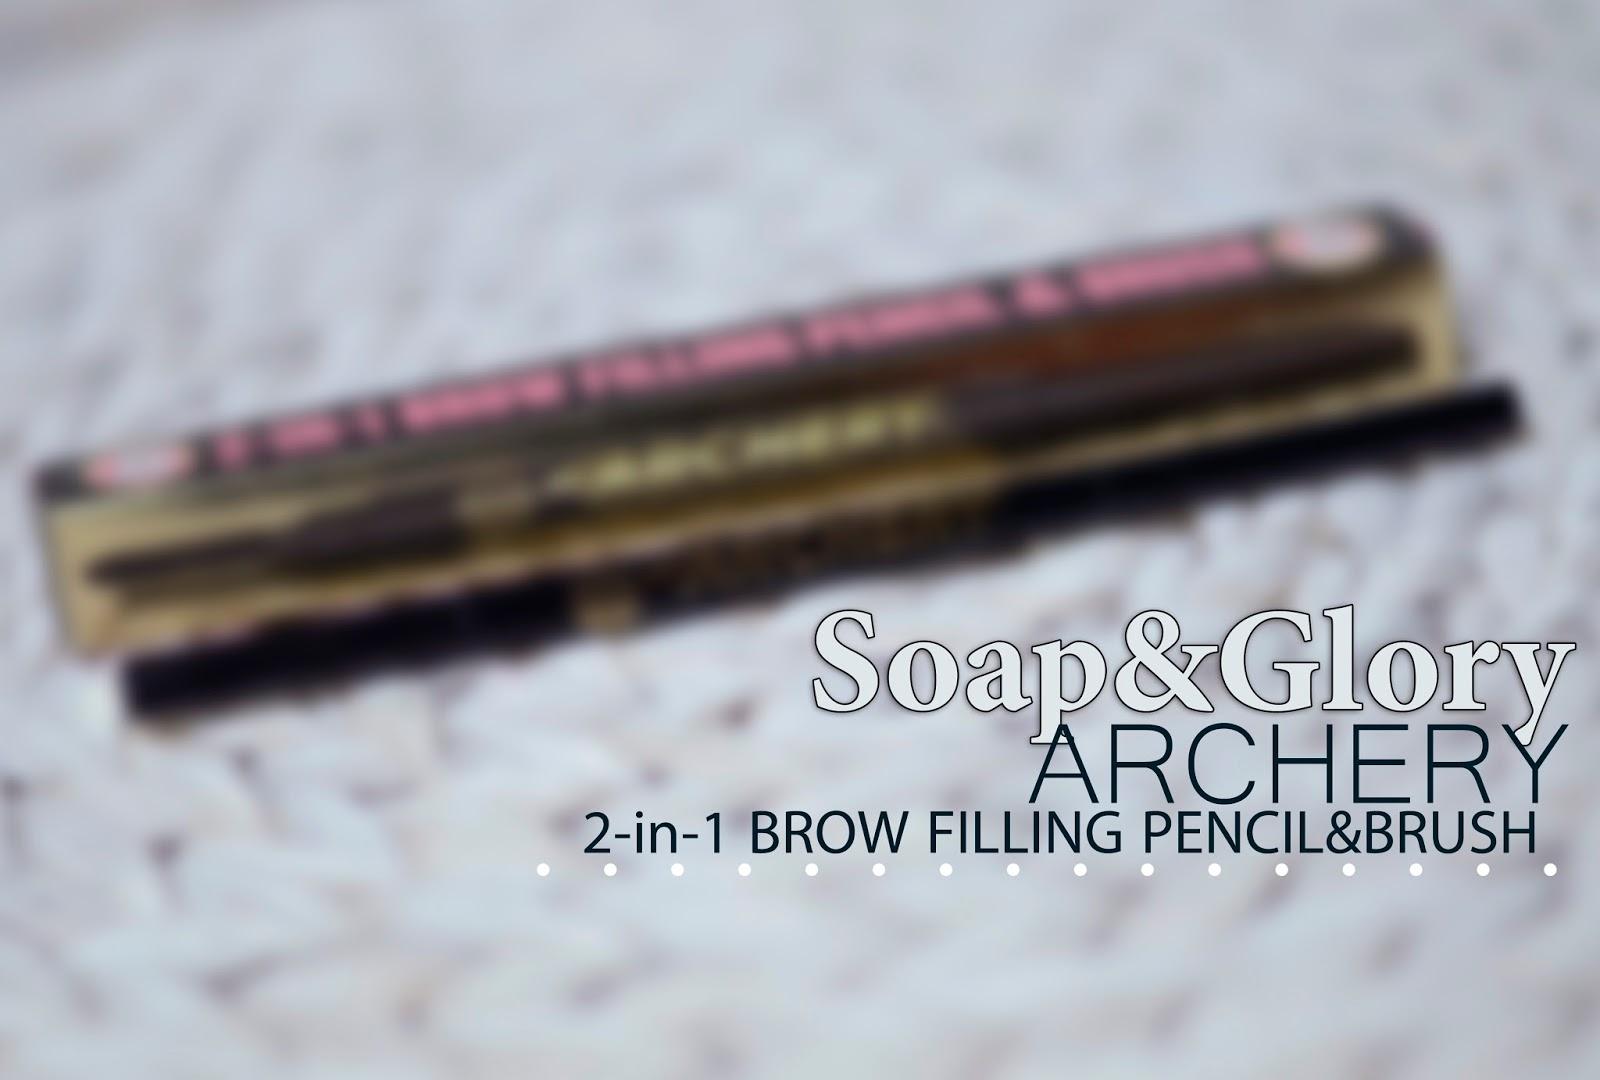 Kredka do brwi Soap&Glory Archery, Hot Chocolate